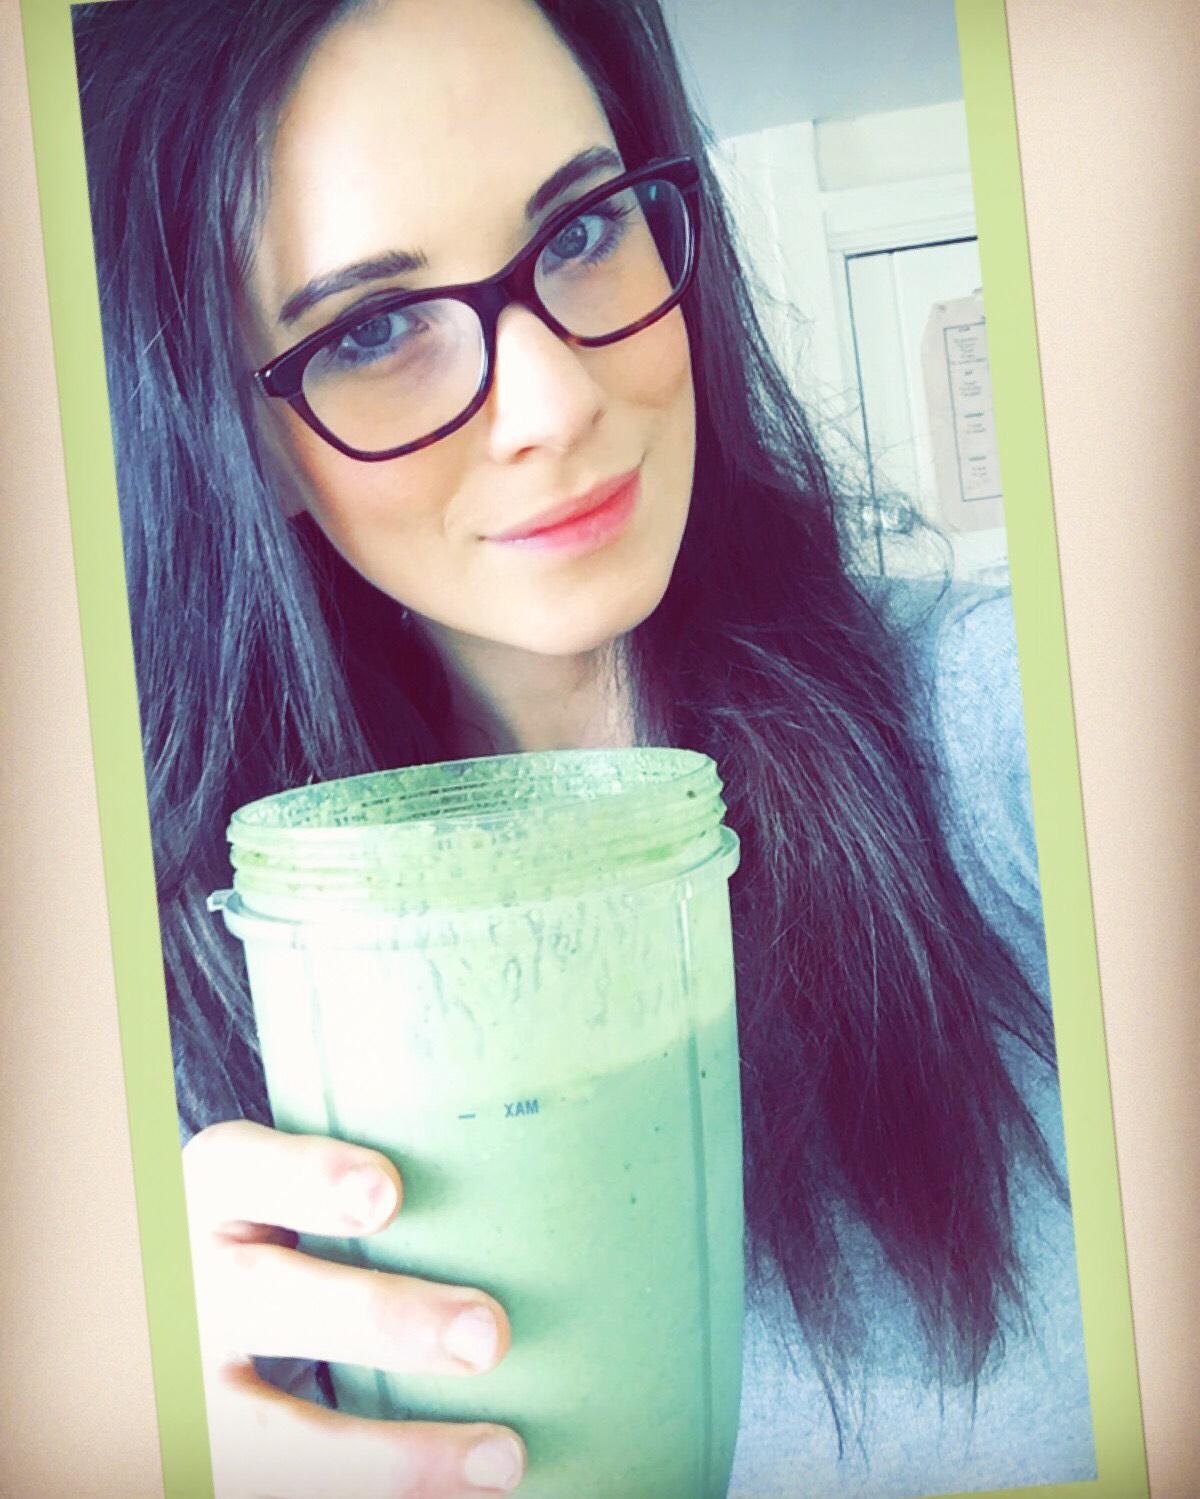 #cleanleanbakes - Food BloggerFind me: Instagram